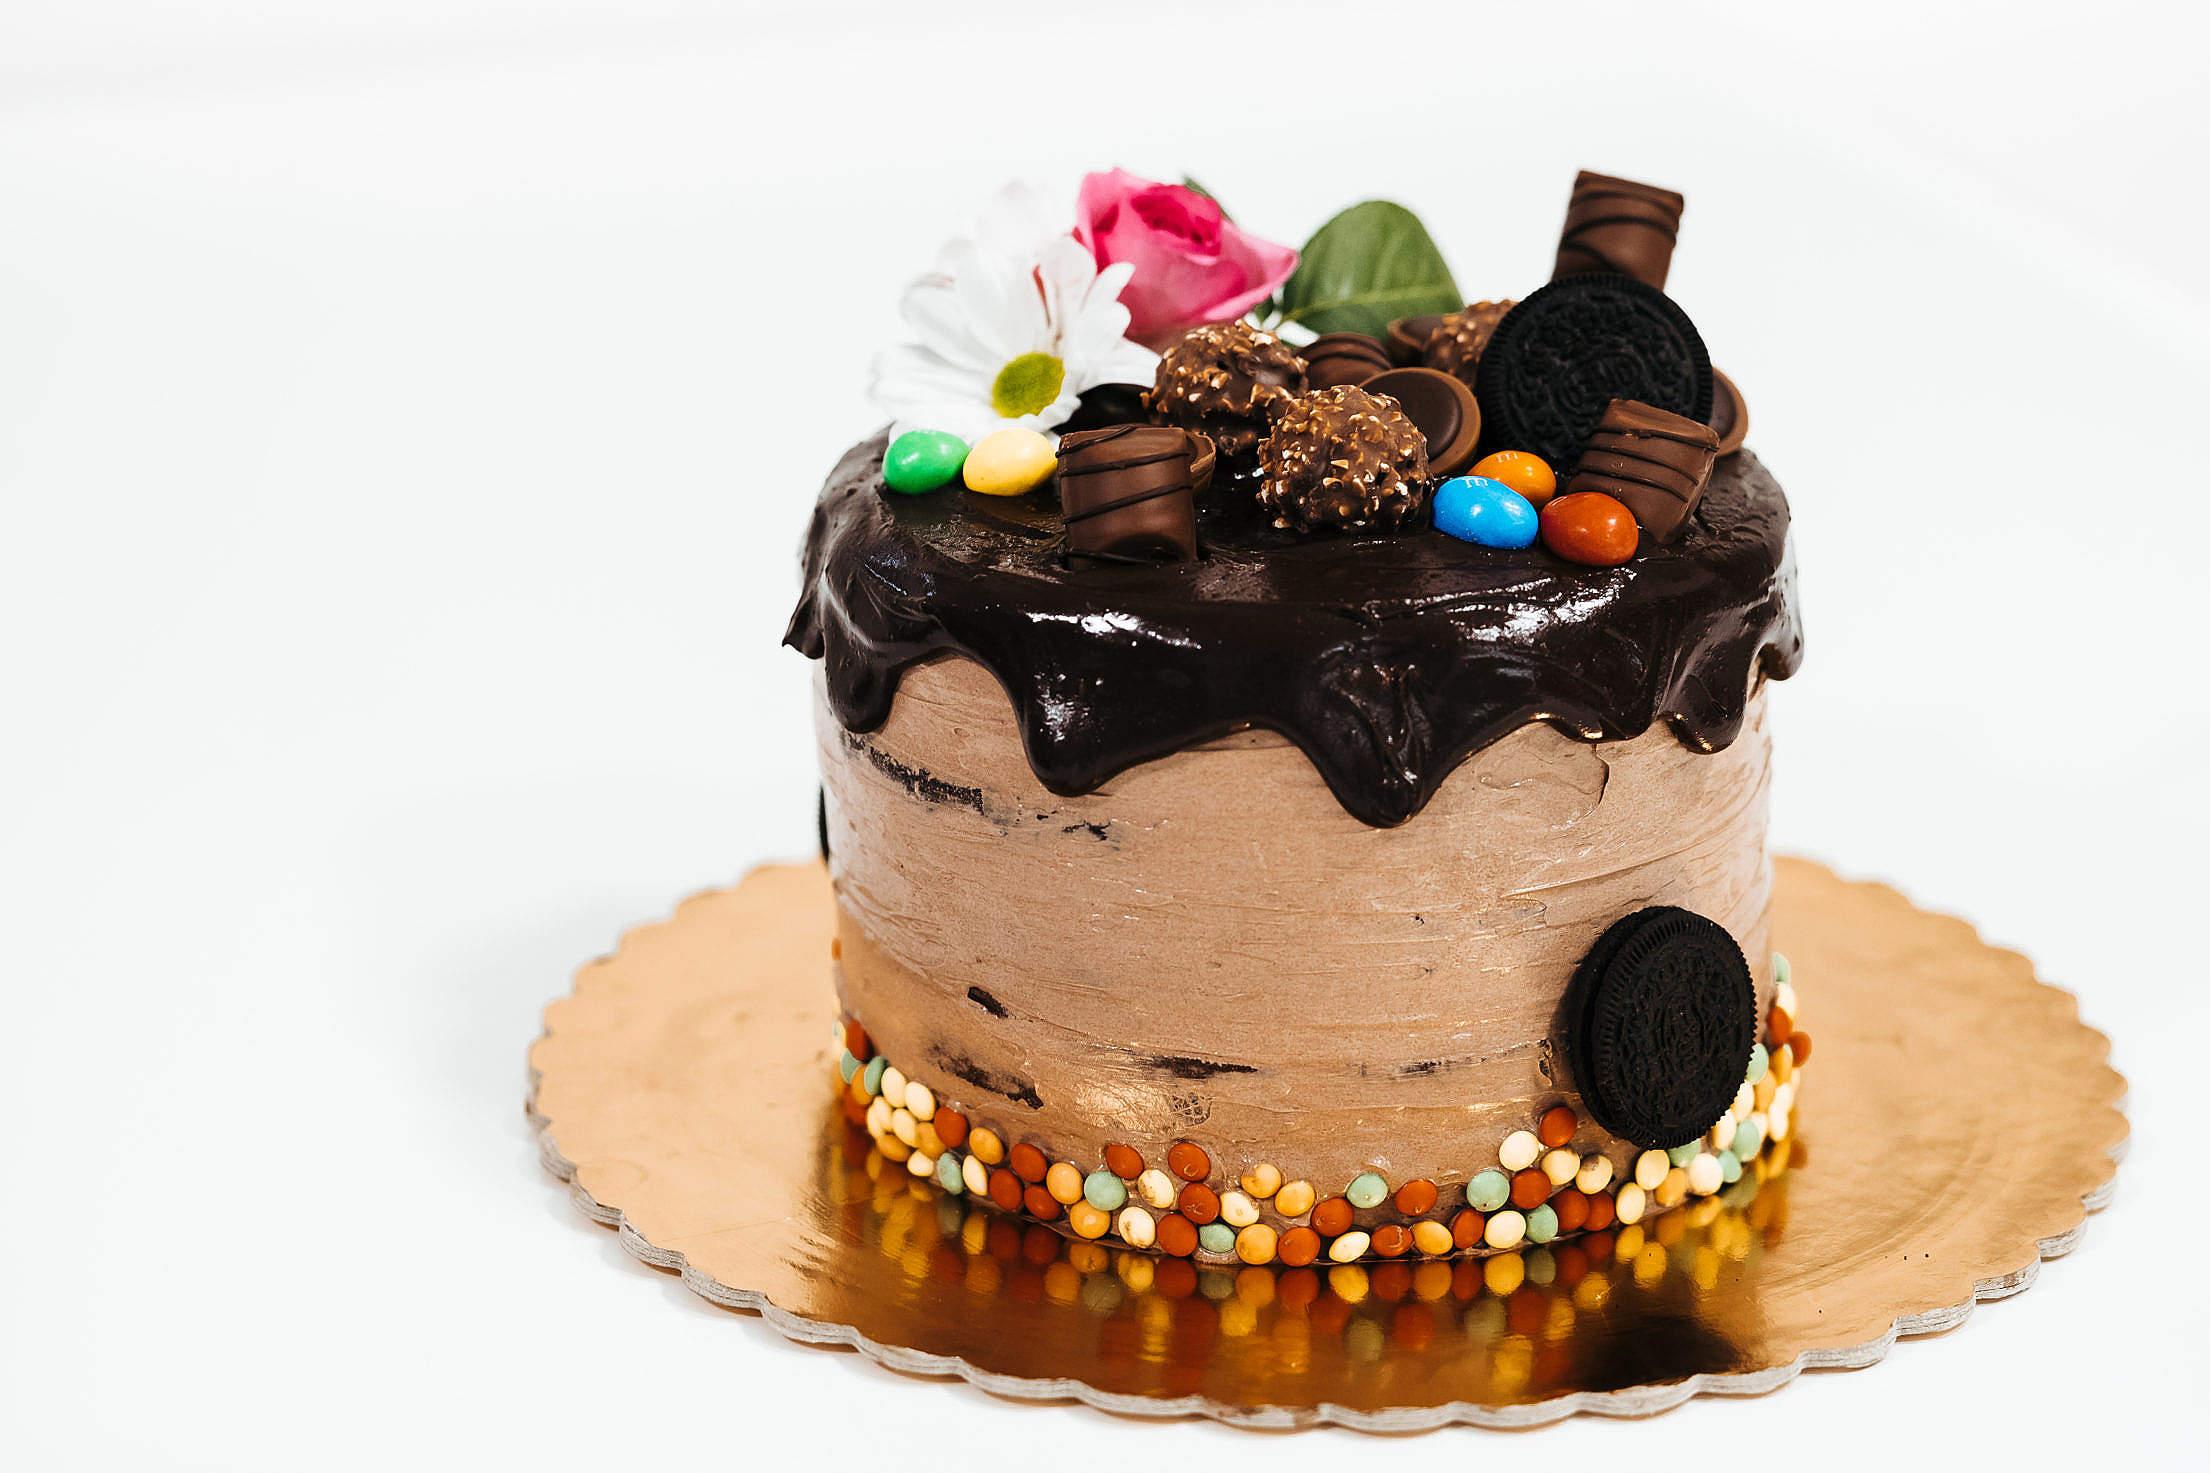 Yummy Homemade Birthday Cake Free Stock Photo